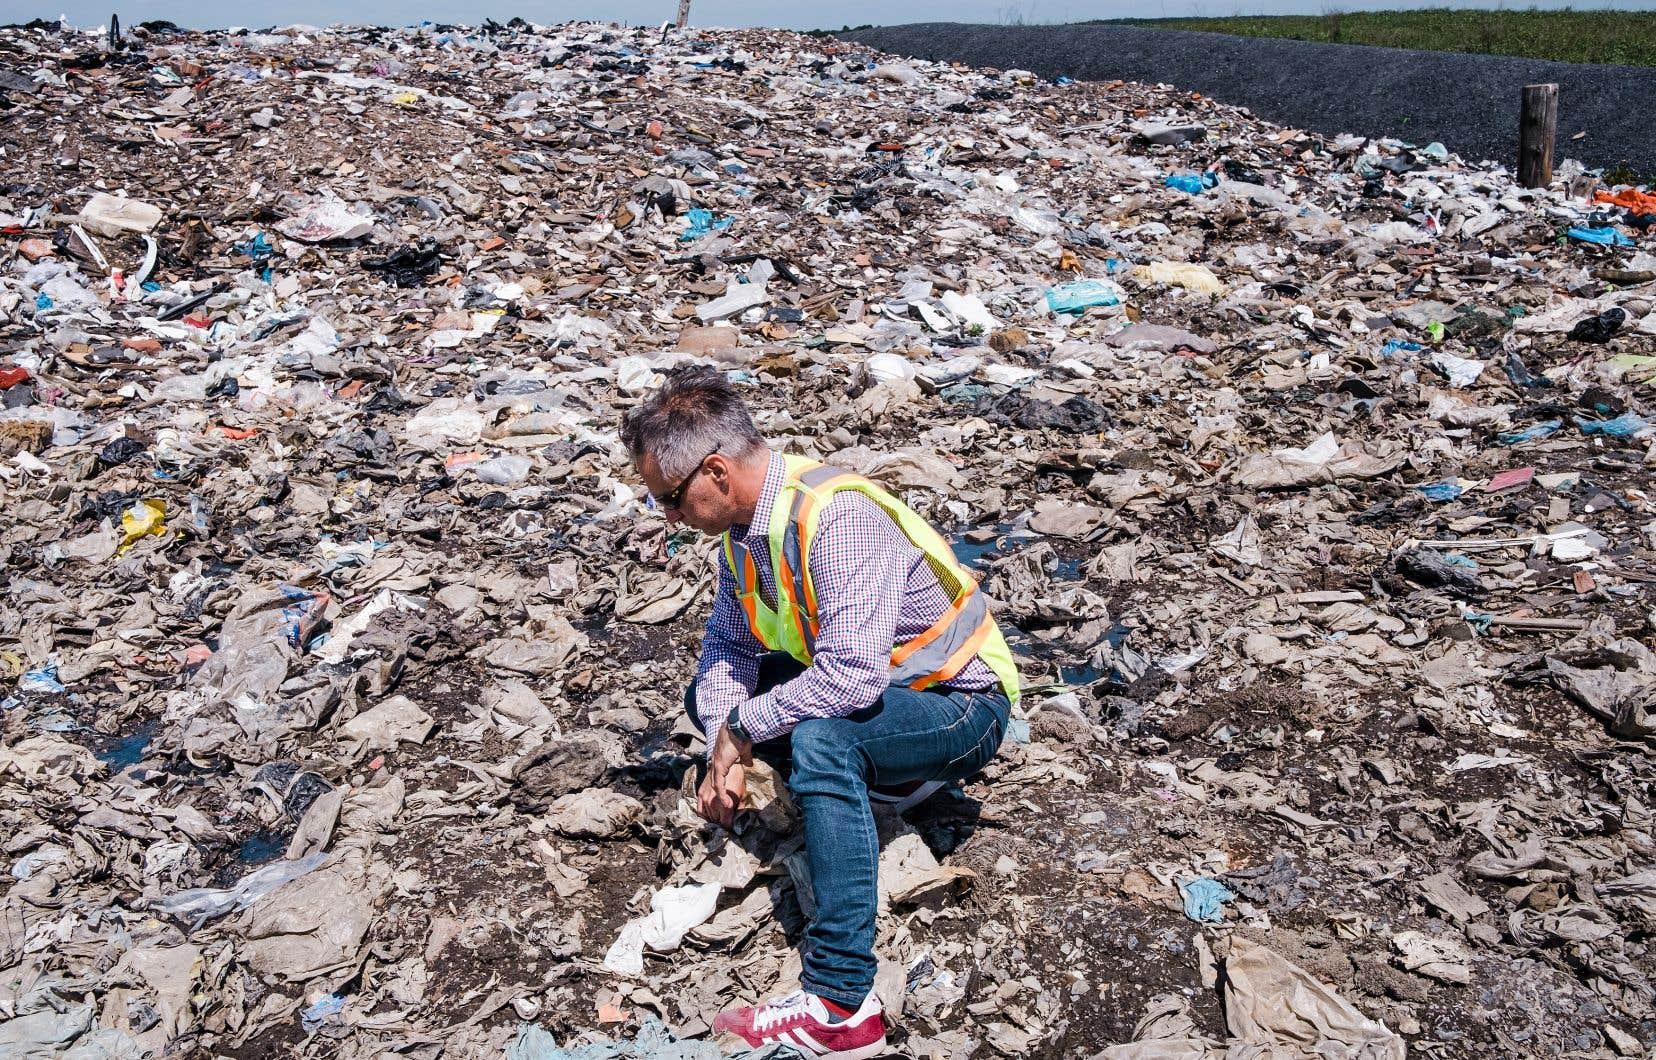 Le projet de Viridis Environnement pourrait réduire du tiers le tonnage de matières qui s'accumulent sur le site d'enfouissement de Saint-Côme-Linière. Même dans les villes qui offrent la collecte des matières organiques, de grandes quantités de contenu compostable subsistent dans le sac poubelle, explique François Léveillée, directeur de la commercialisation de l'entreprise.